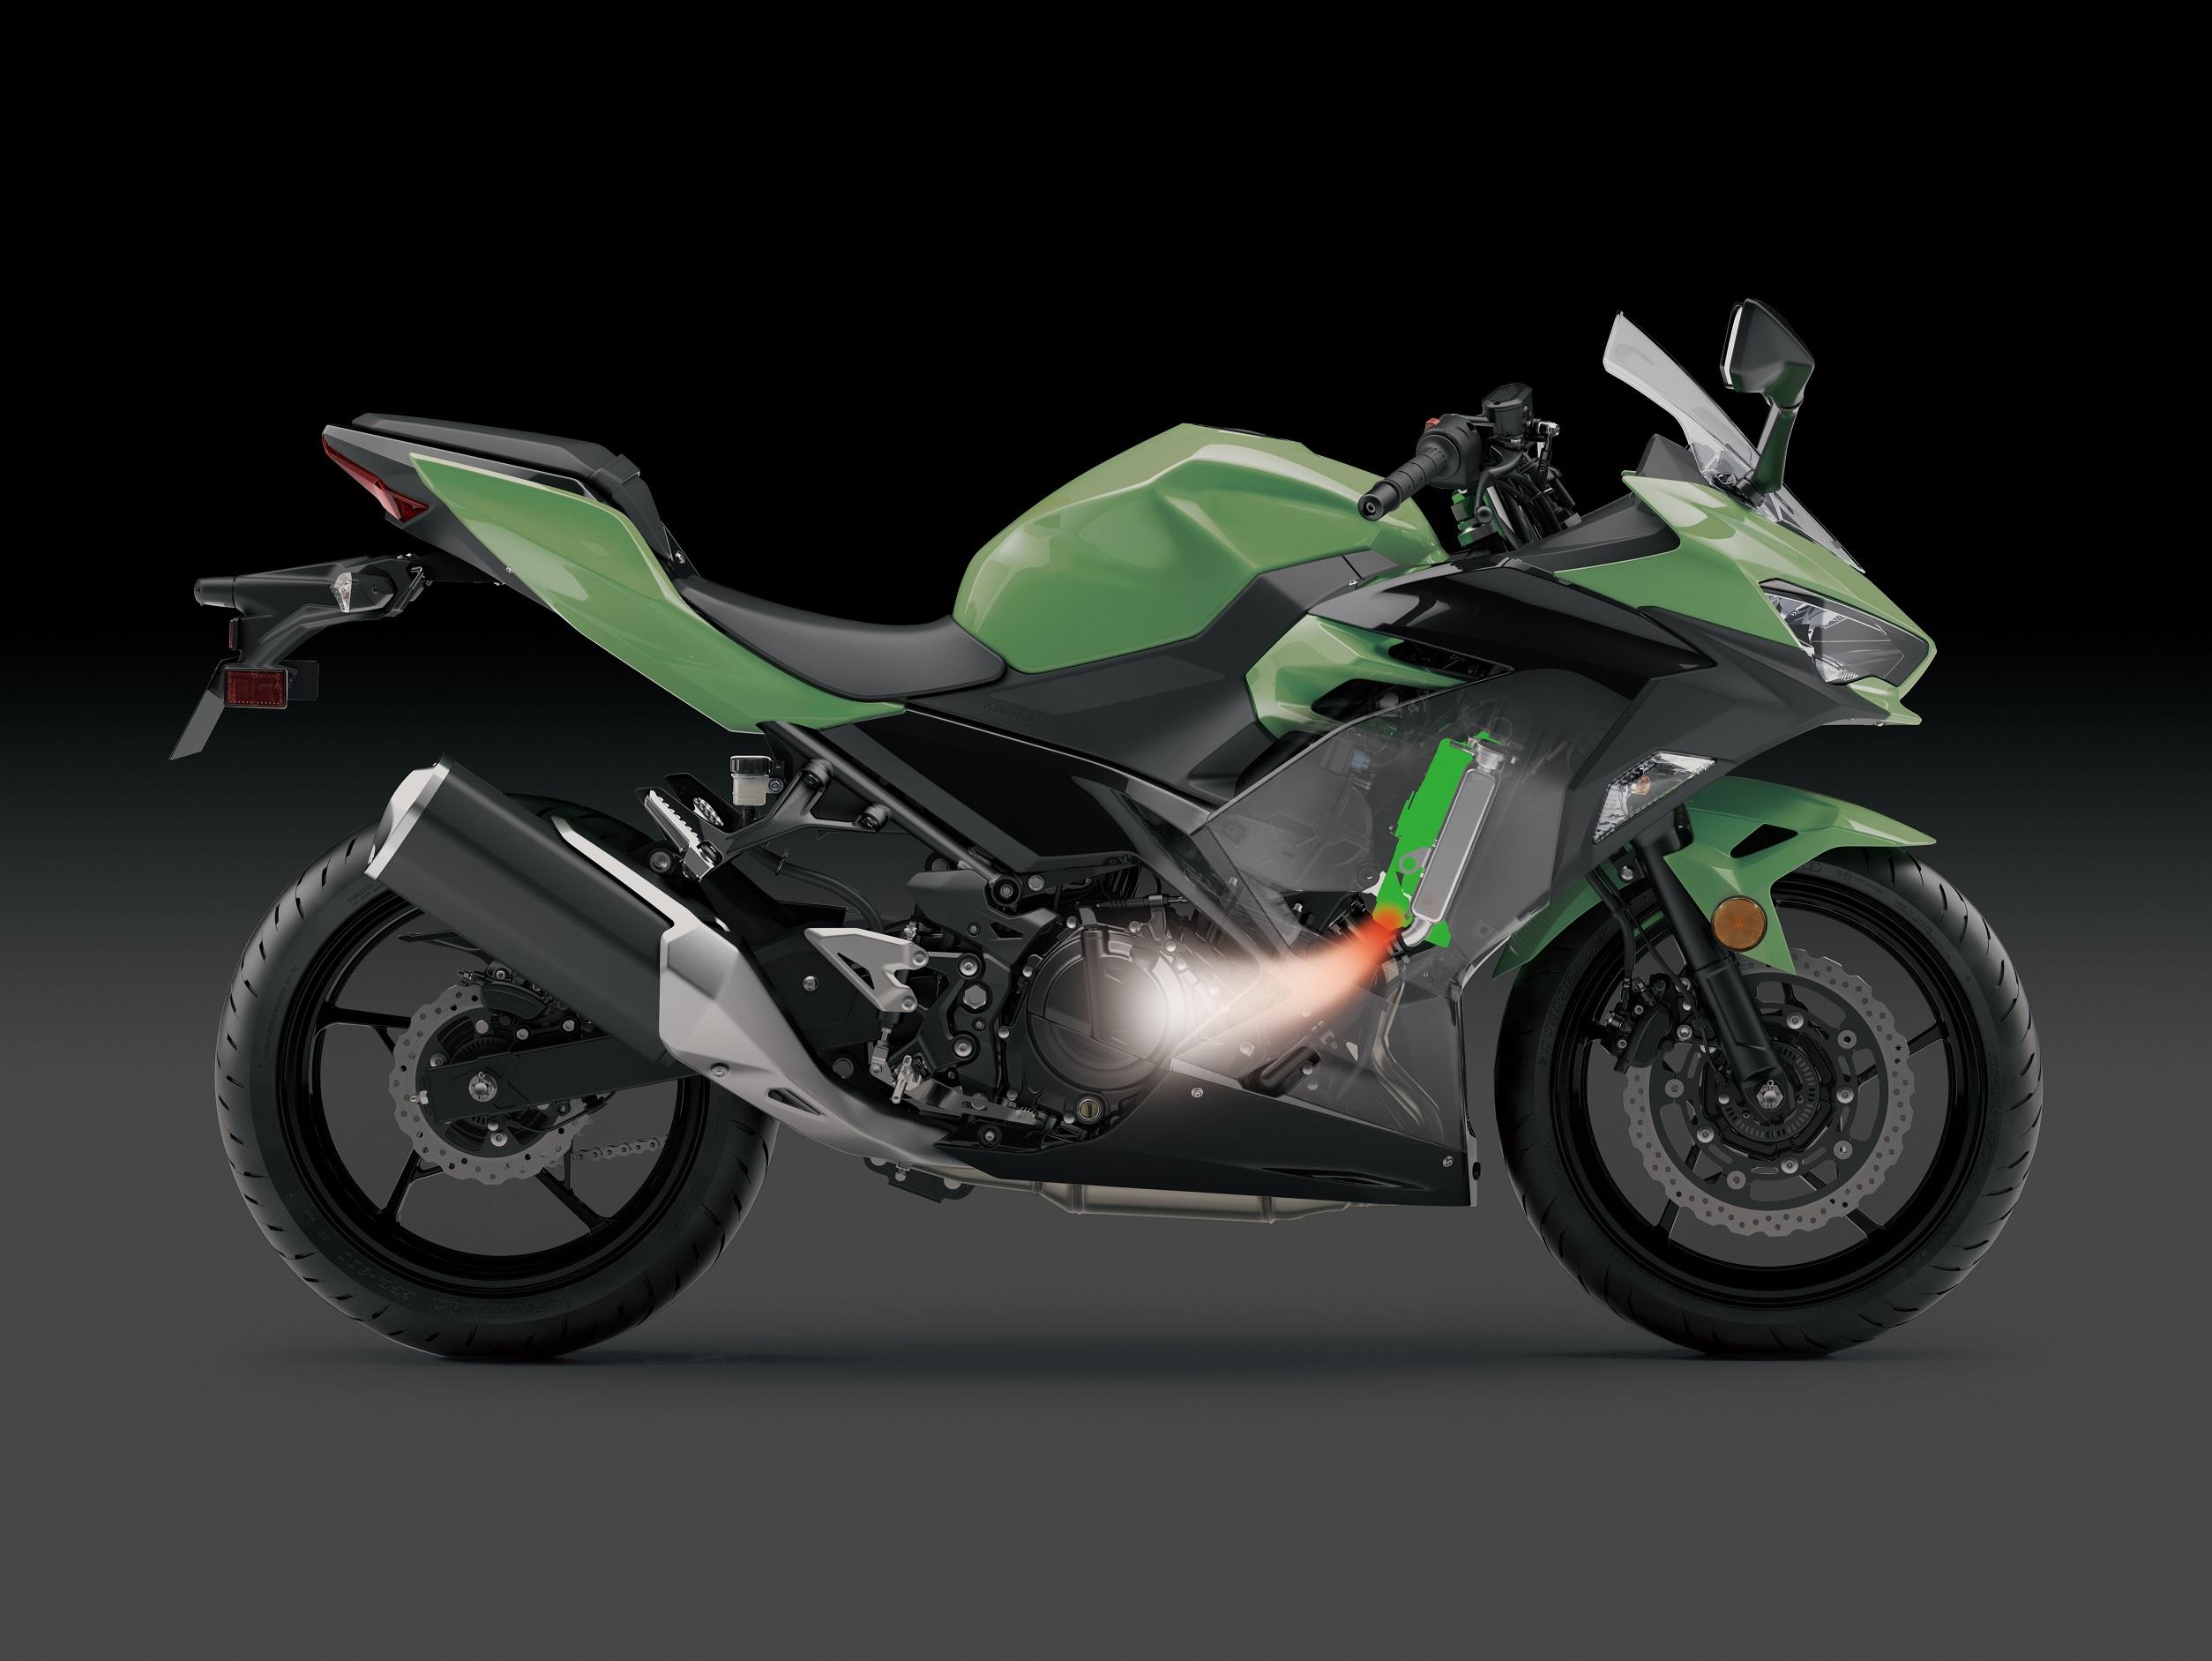 BIKES: Kawasaki Motors Malaysia Unleashes New Ninja 250 Priced At